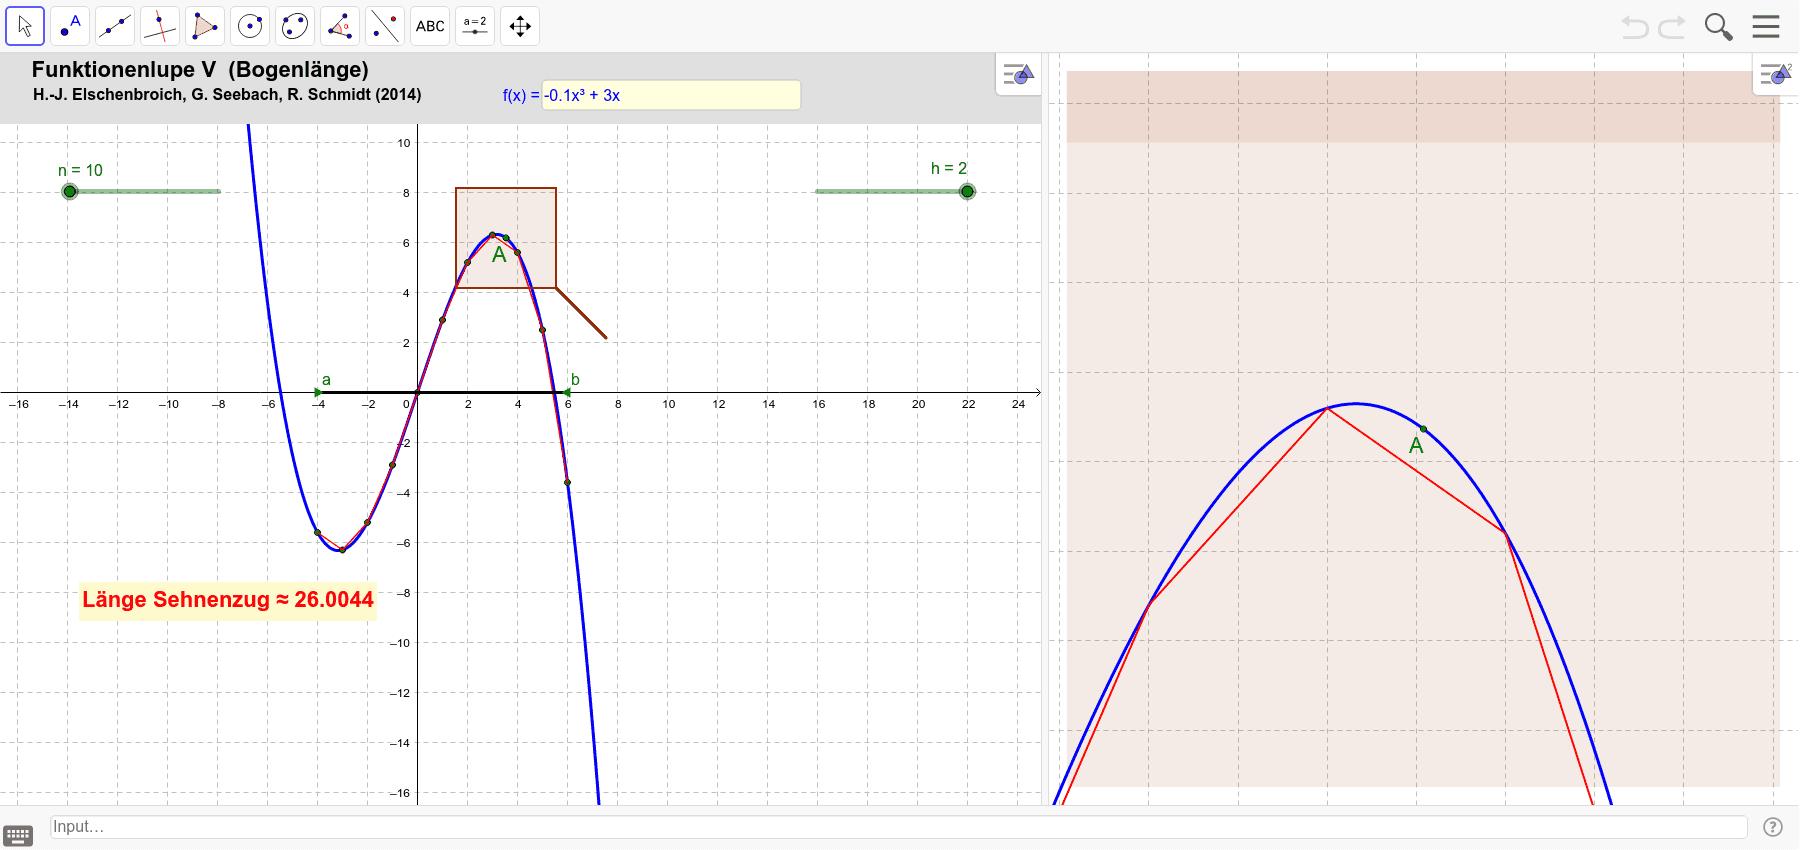 Bogenlänge - Approximation durch einen Sehnenzug Drücke die Eingabetaste um die Aktivität zu starten